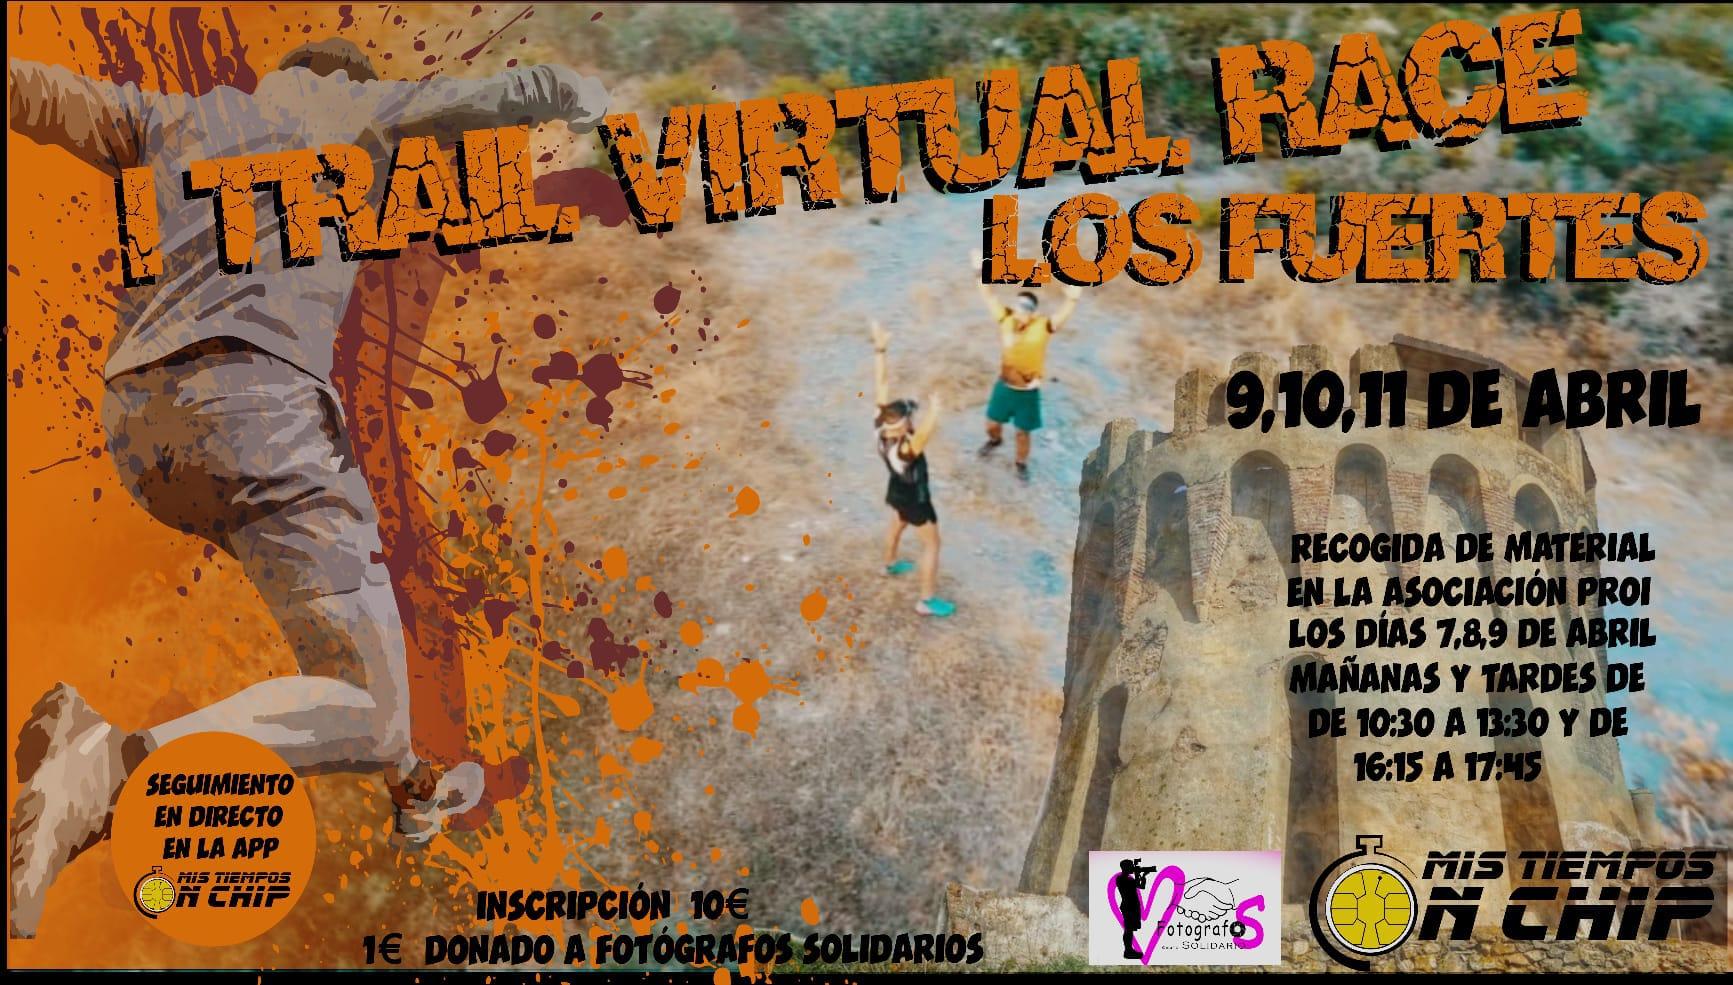 I TRAIL VIRTUAL RACE LOS FUERTES